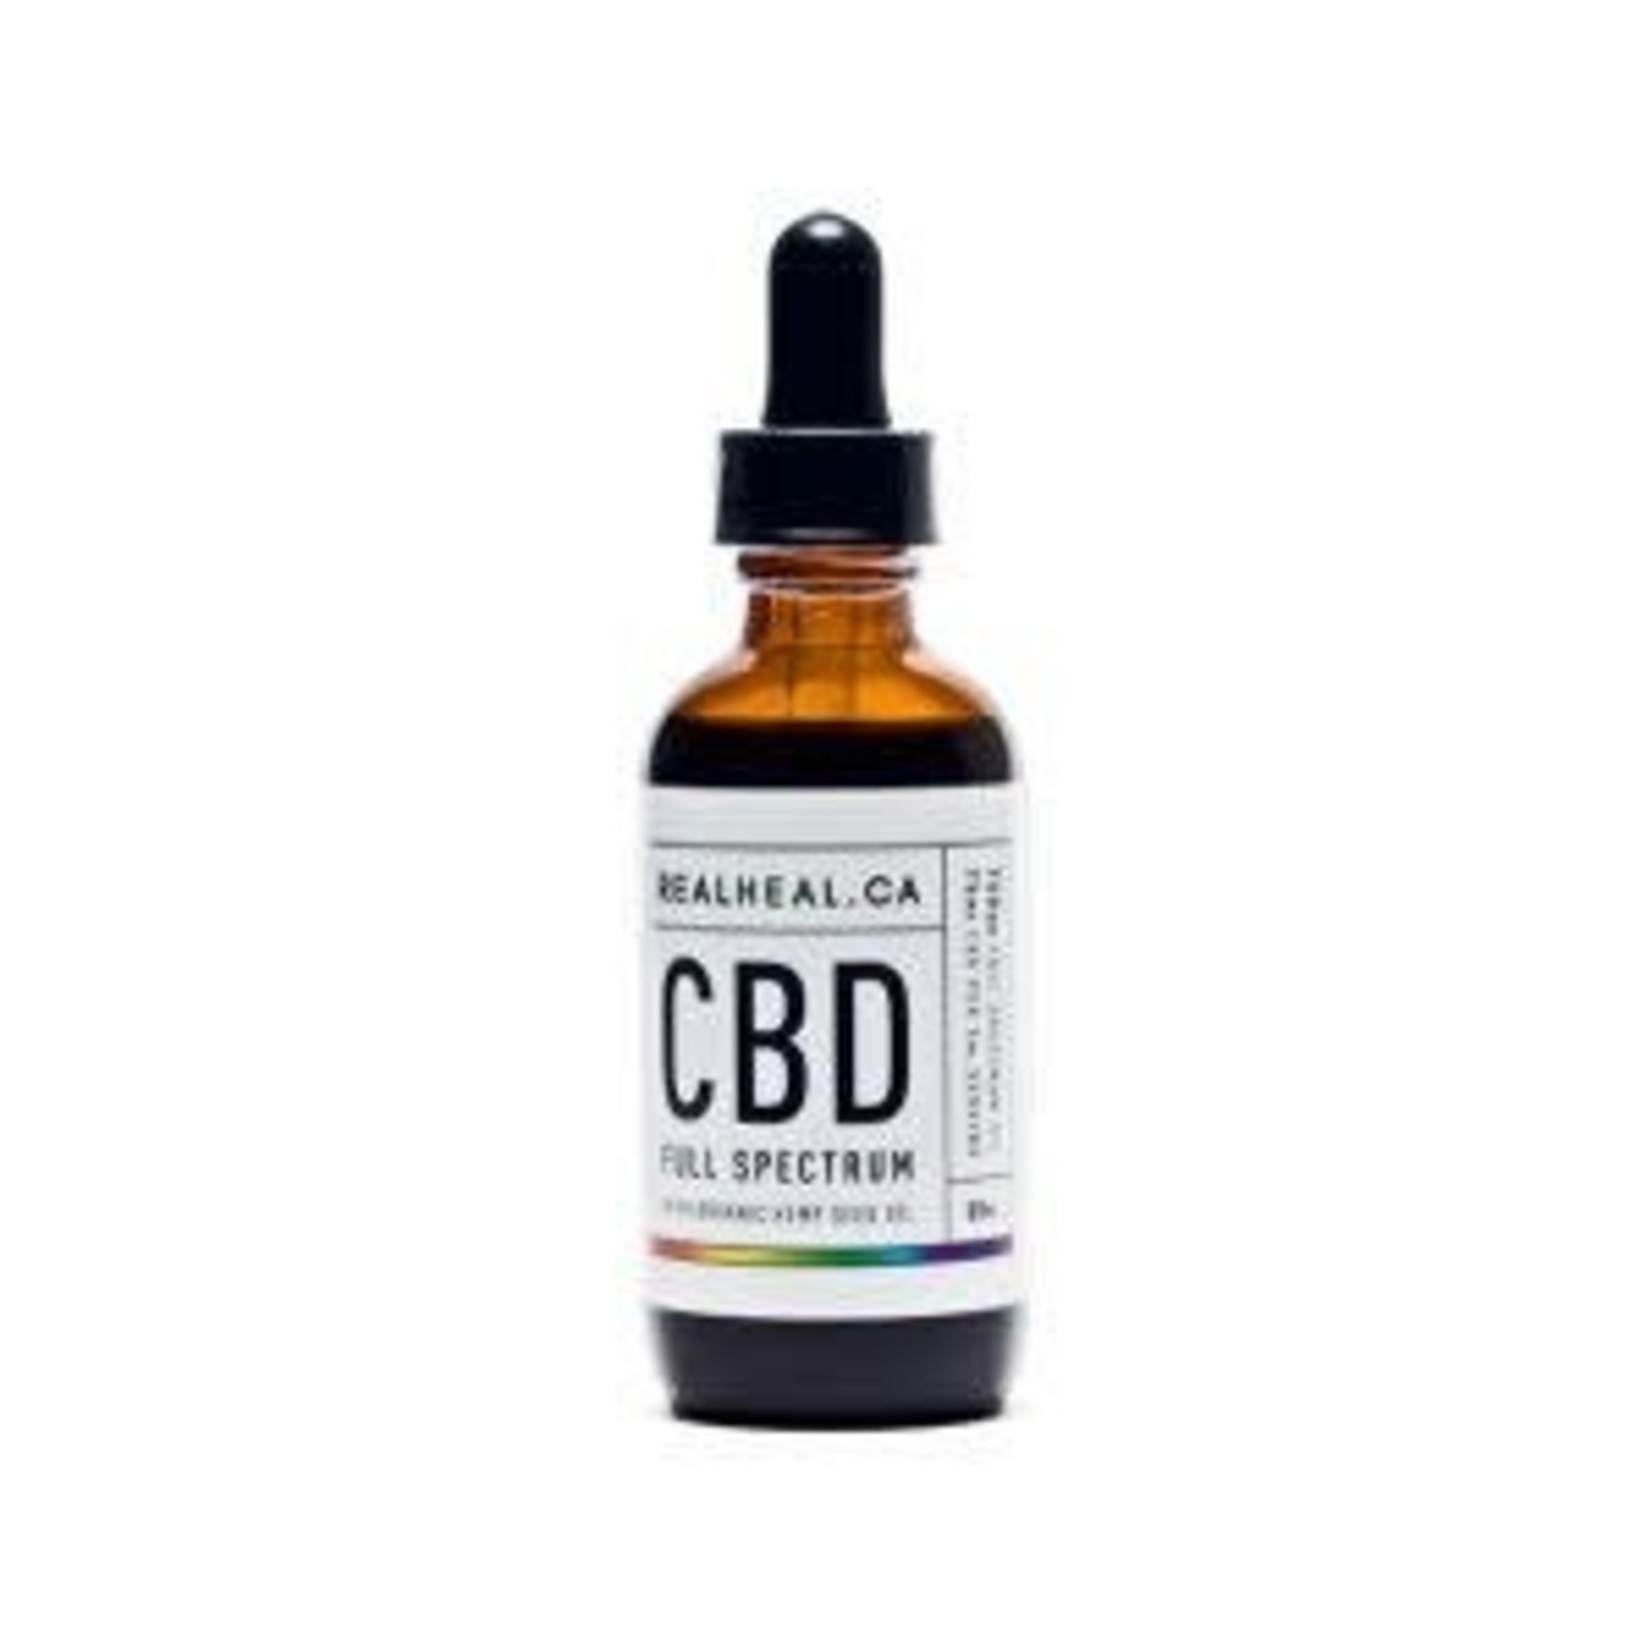 RealHeal CBD Tincture, Full Spectrum - 50ml bottle